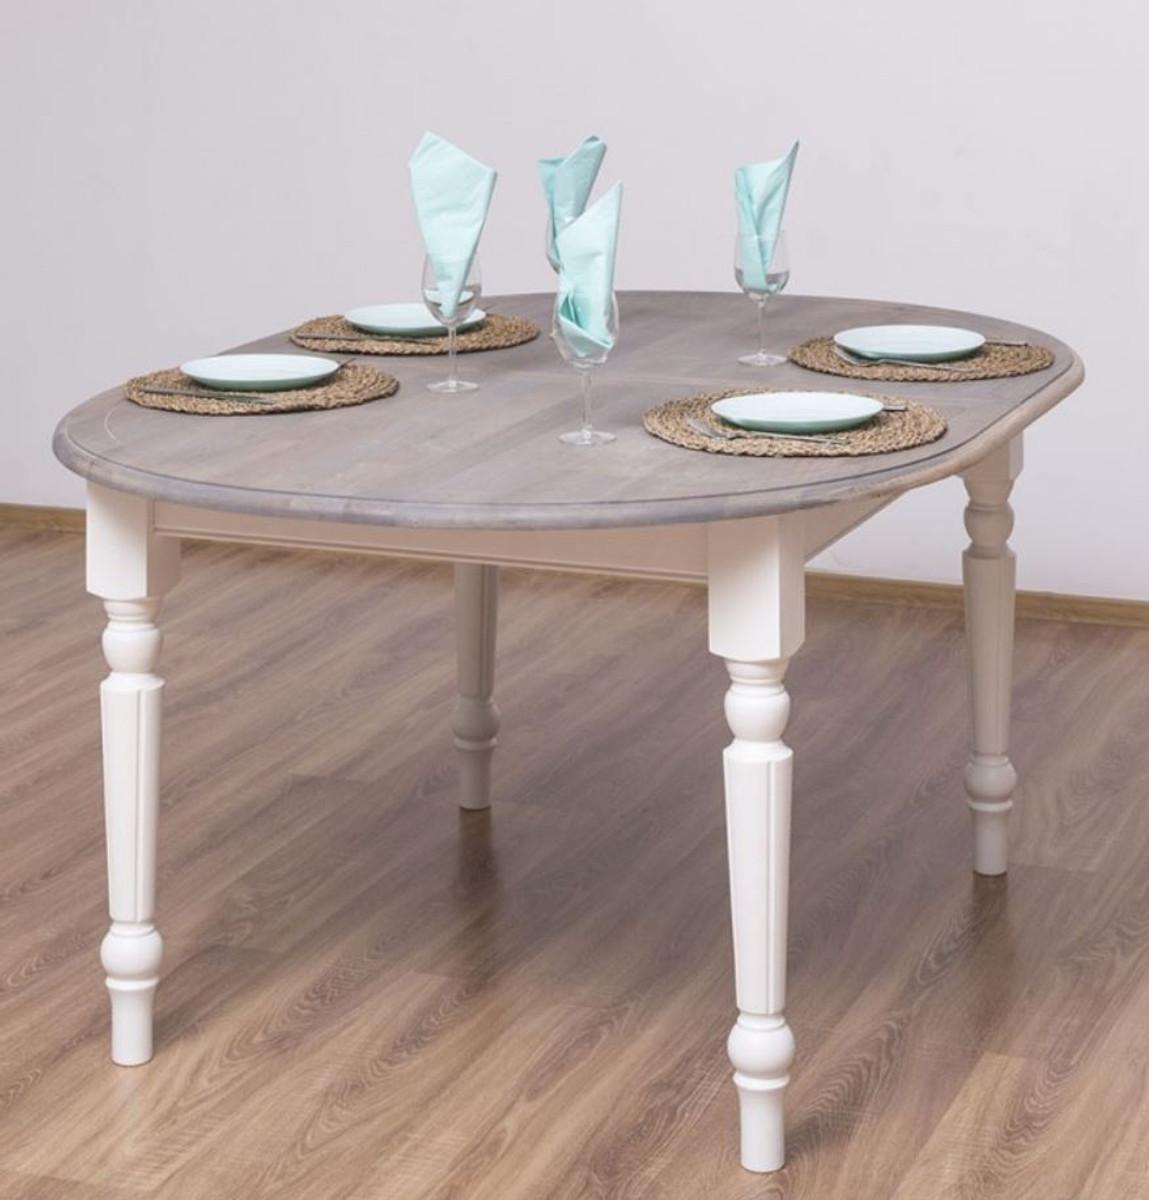 casa padrino table a manger de style campagnard gris blanc 160 x 120 x h 78 cm table de cuisine ovale en bois massif avec plateau en chene